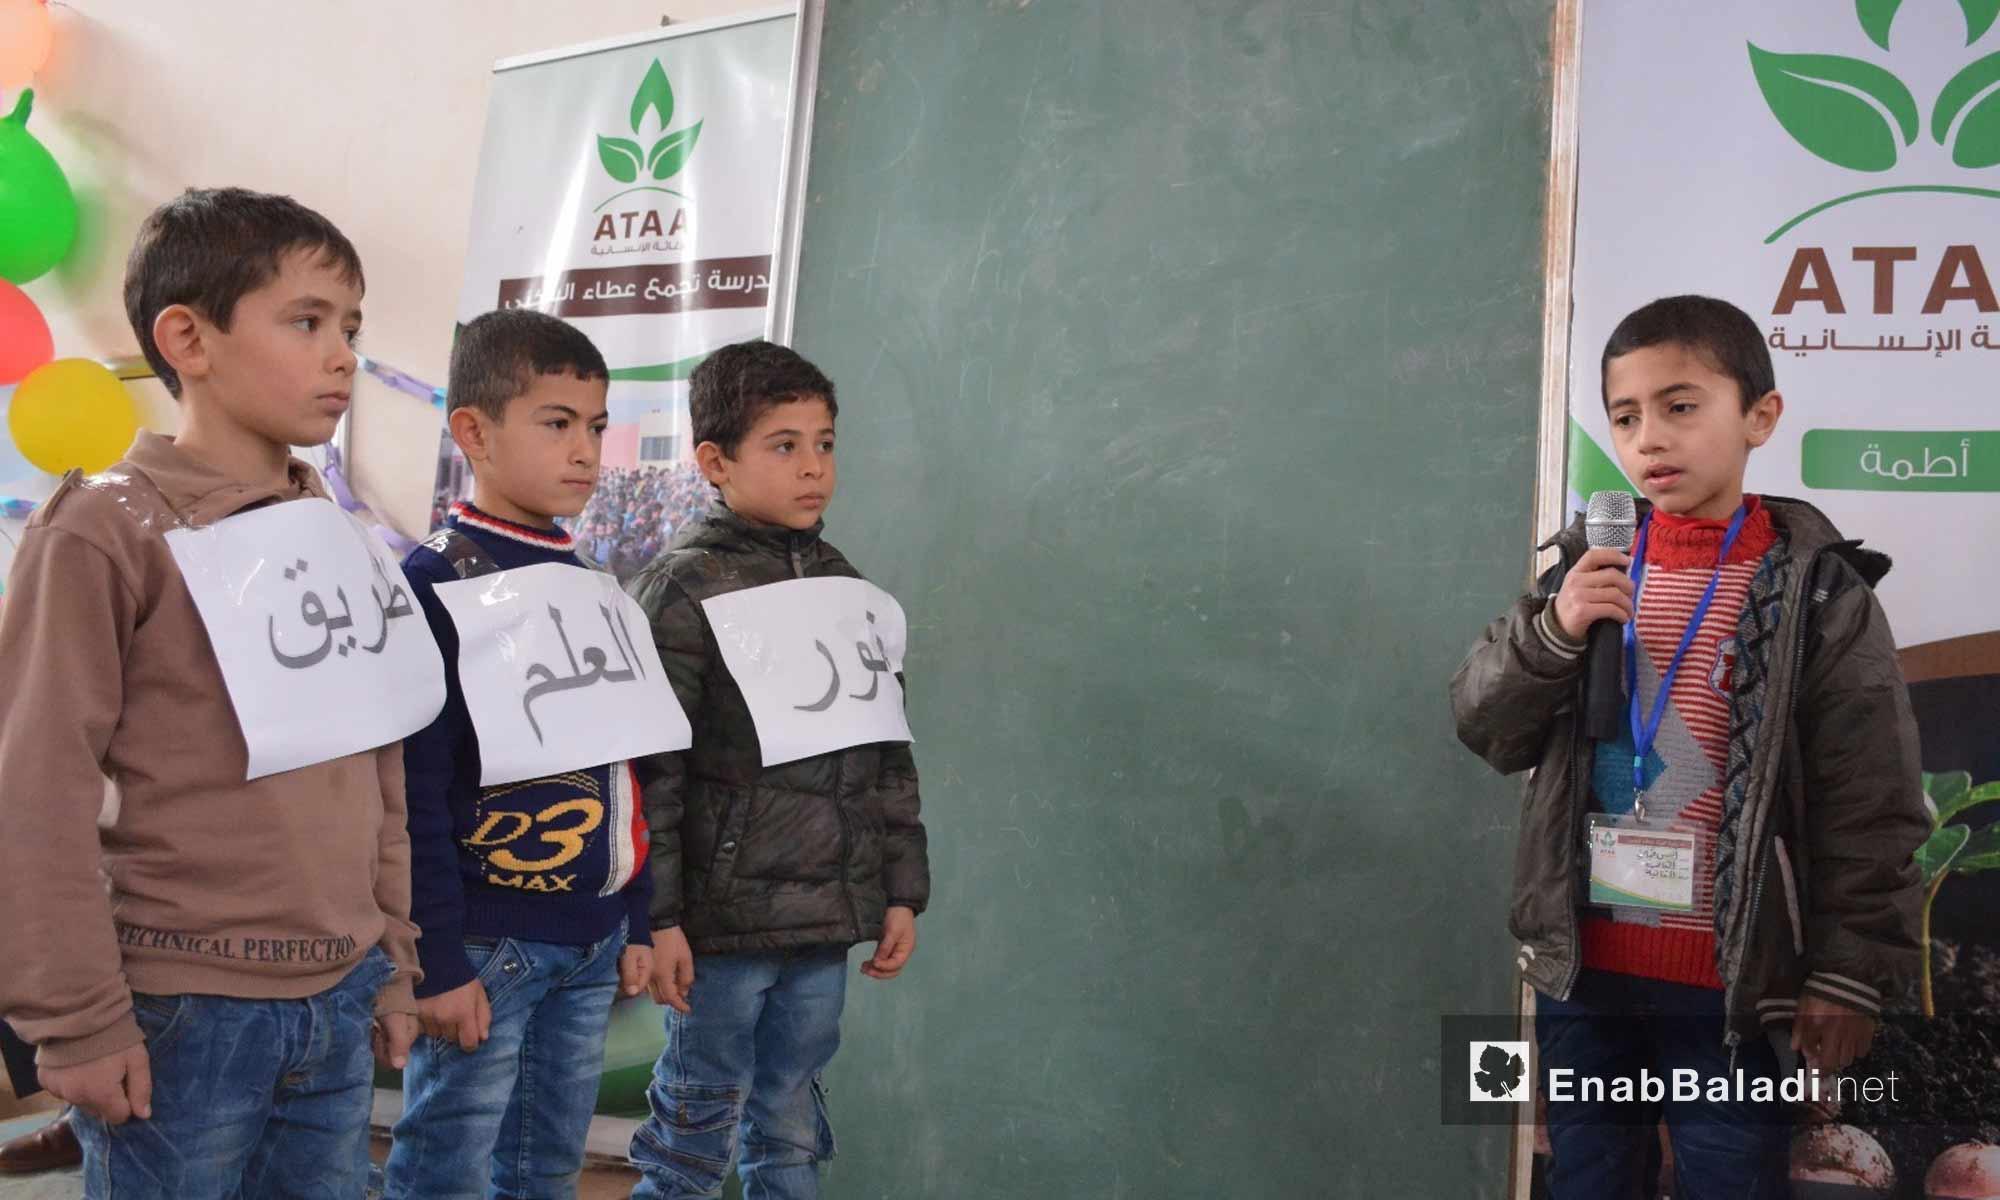 أطفال يؤدون عرضًا خلال حفل تكريم المتفوقين في تجمع أطمة الأول بريف إدلب - 20 شباط 2018 (عنب بلدي)